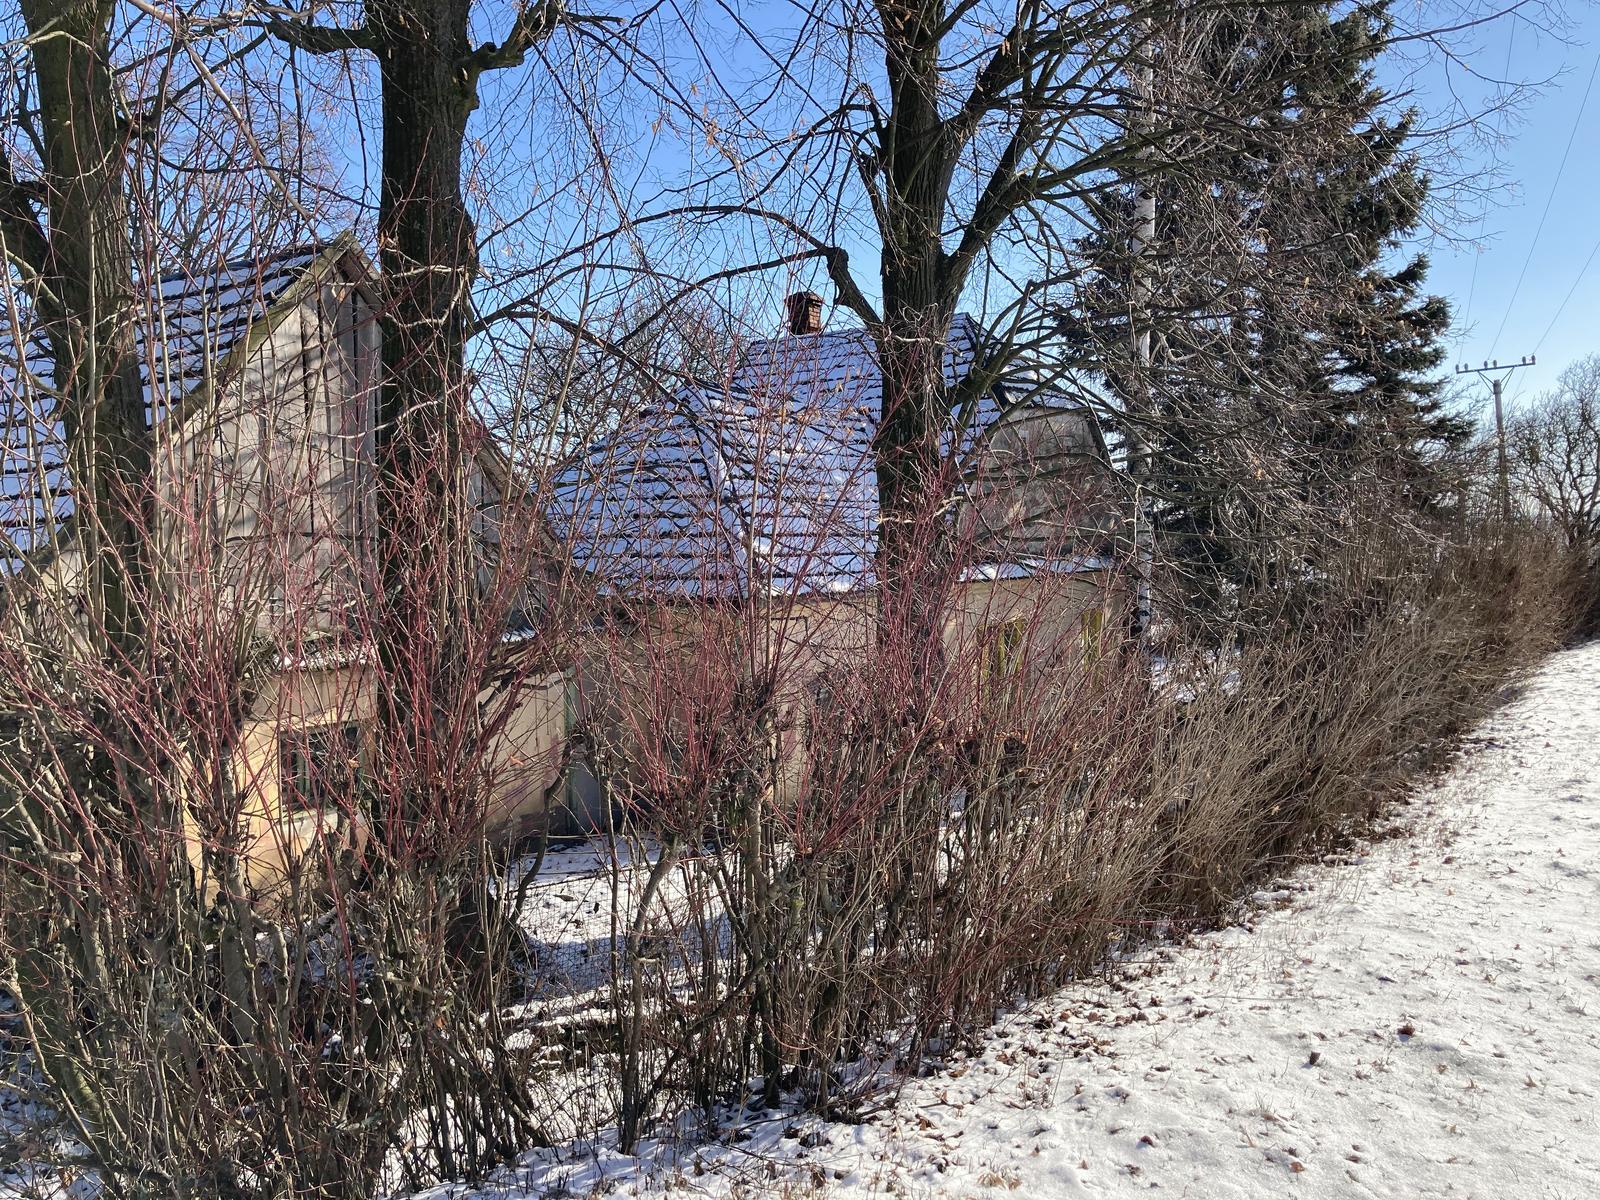 Dom - ..tie stromy musím hneď ako nebude mrznúť ostrihať...